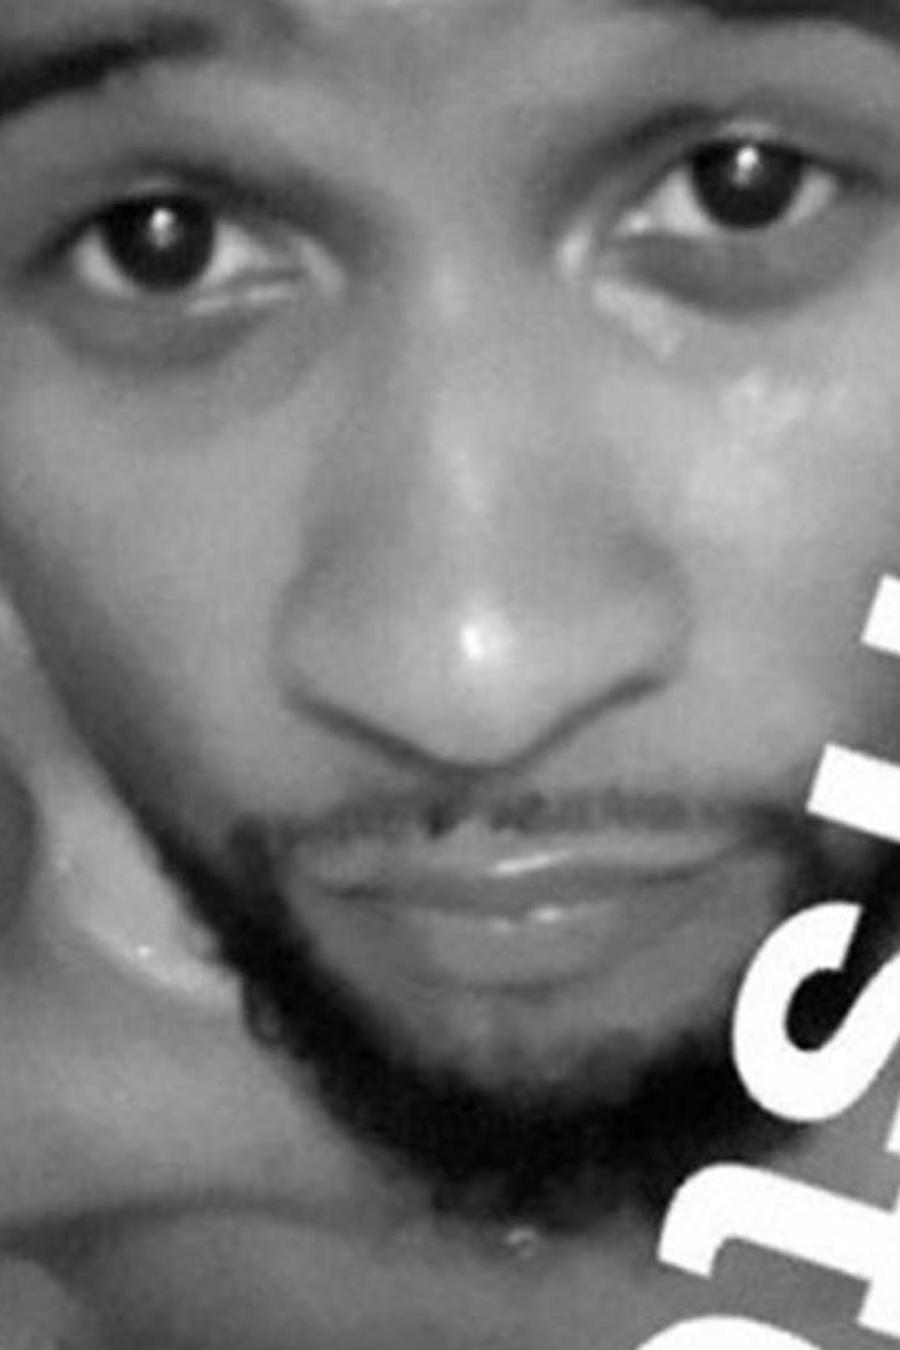 Captura de Snapchat de Usher en blanco y negro